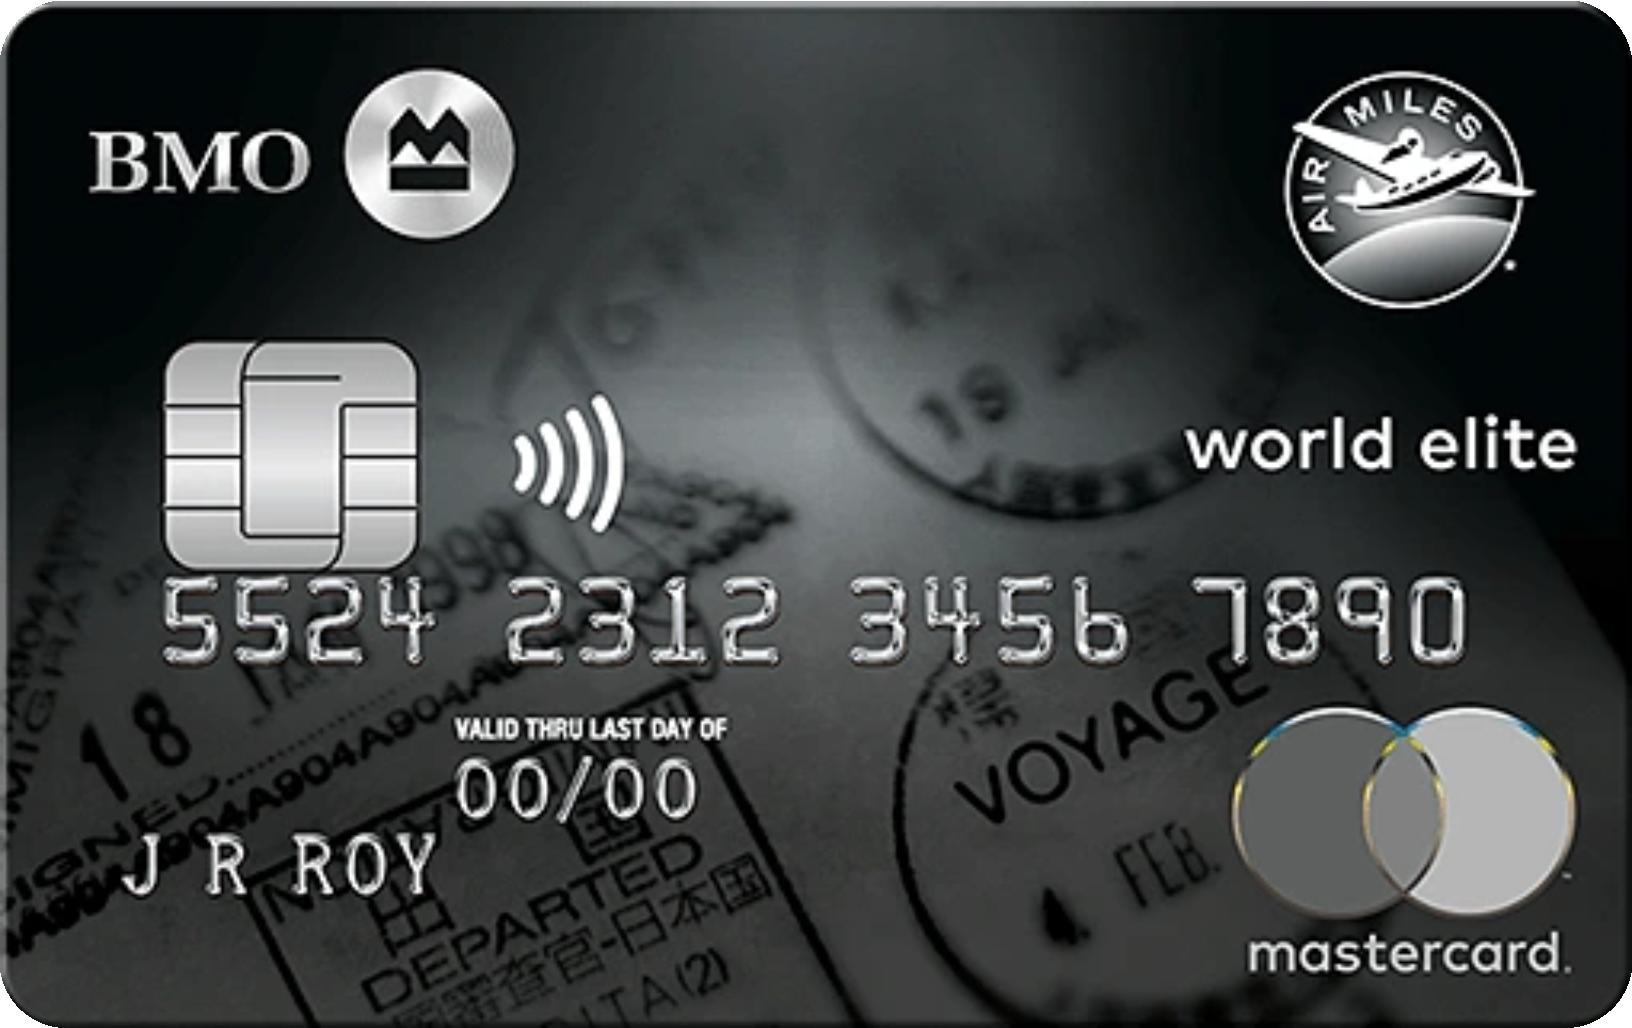 BMO® AIR MILES® World Elite® MasterCard® logo